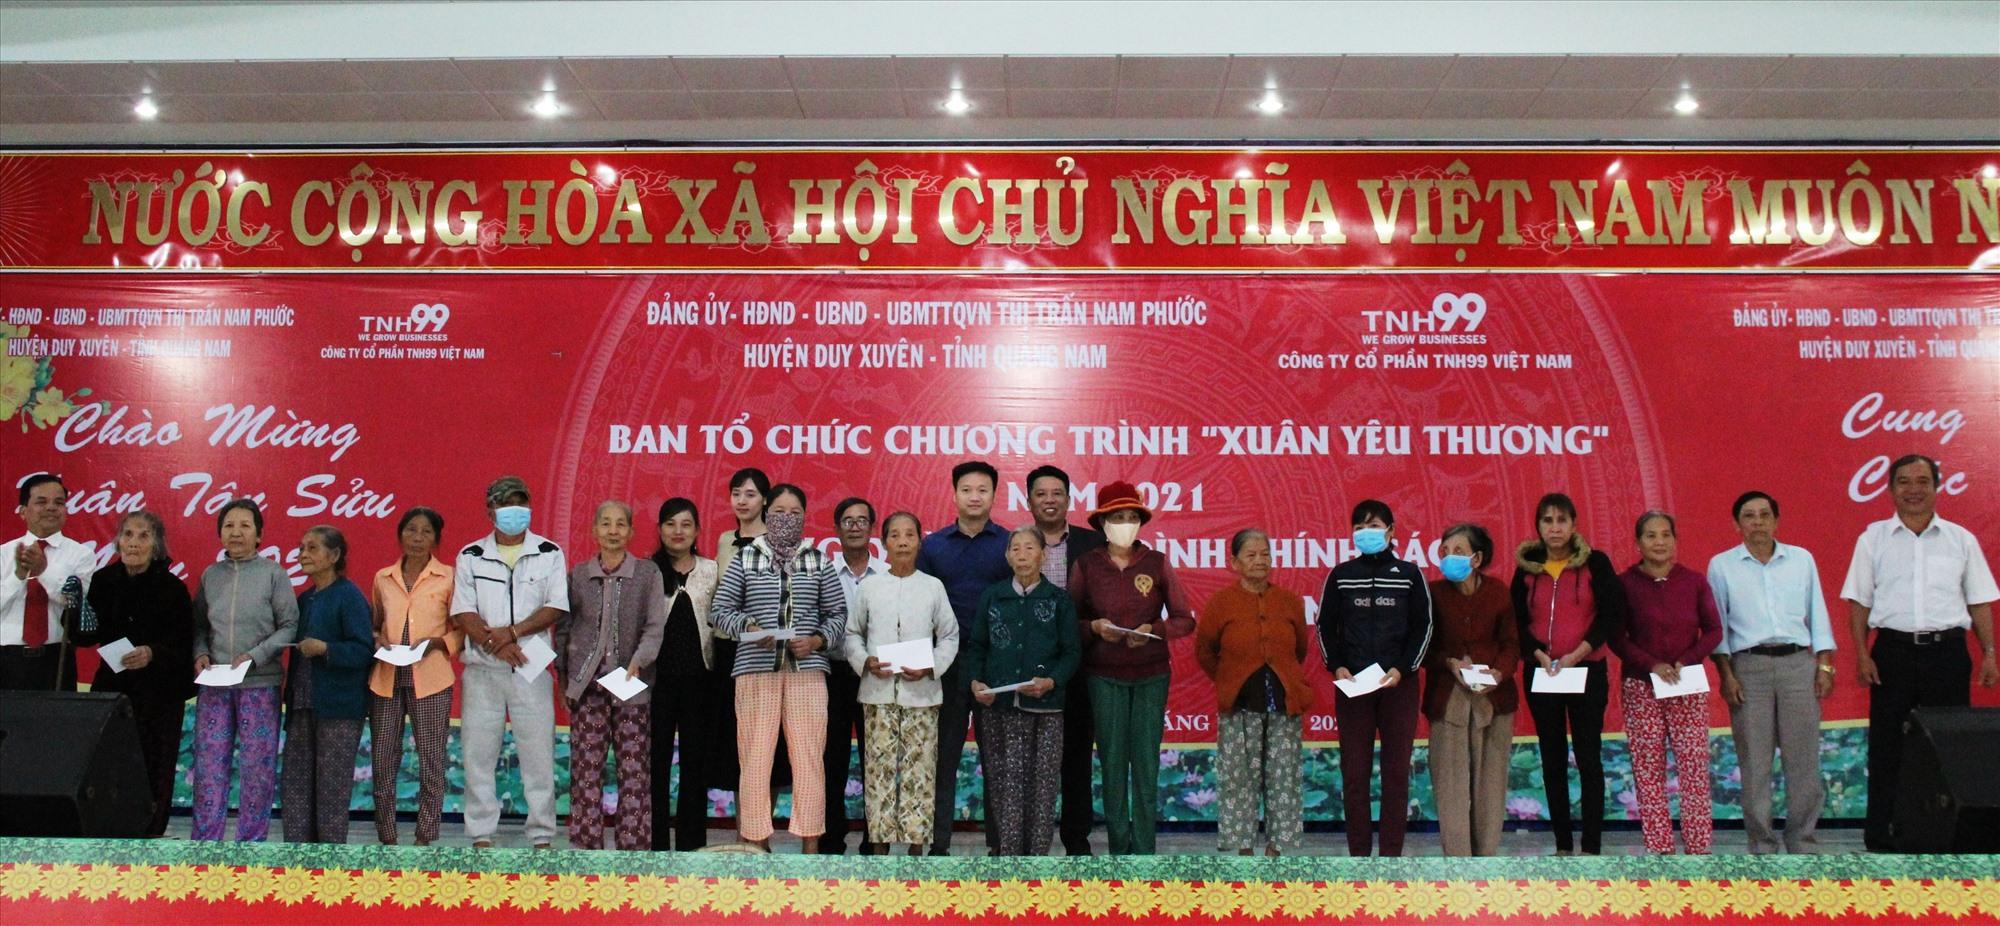 Lãnh đạo huyện Duy Xuyên tặng quà cho các gia đình có hoàn cảnh khó khăn nhân dịp xuân Tân Sửu 2021. Ảnh: T.S